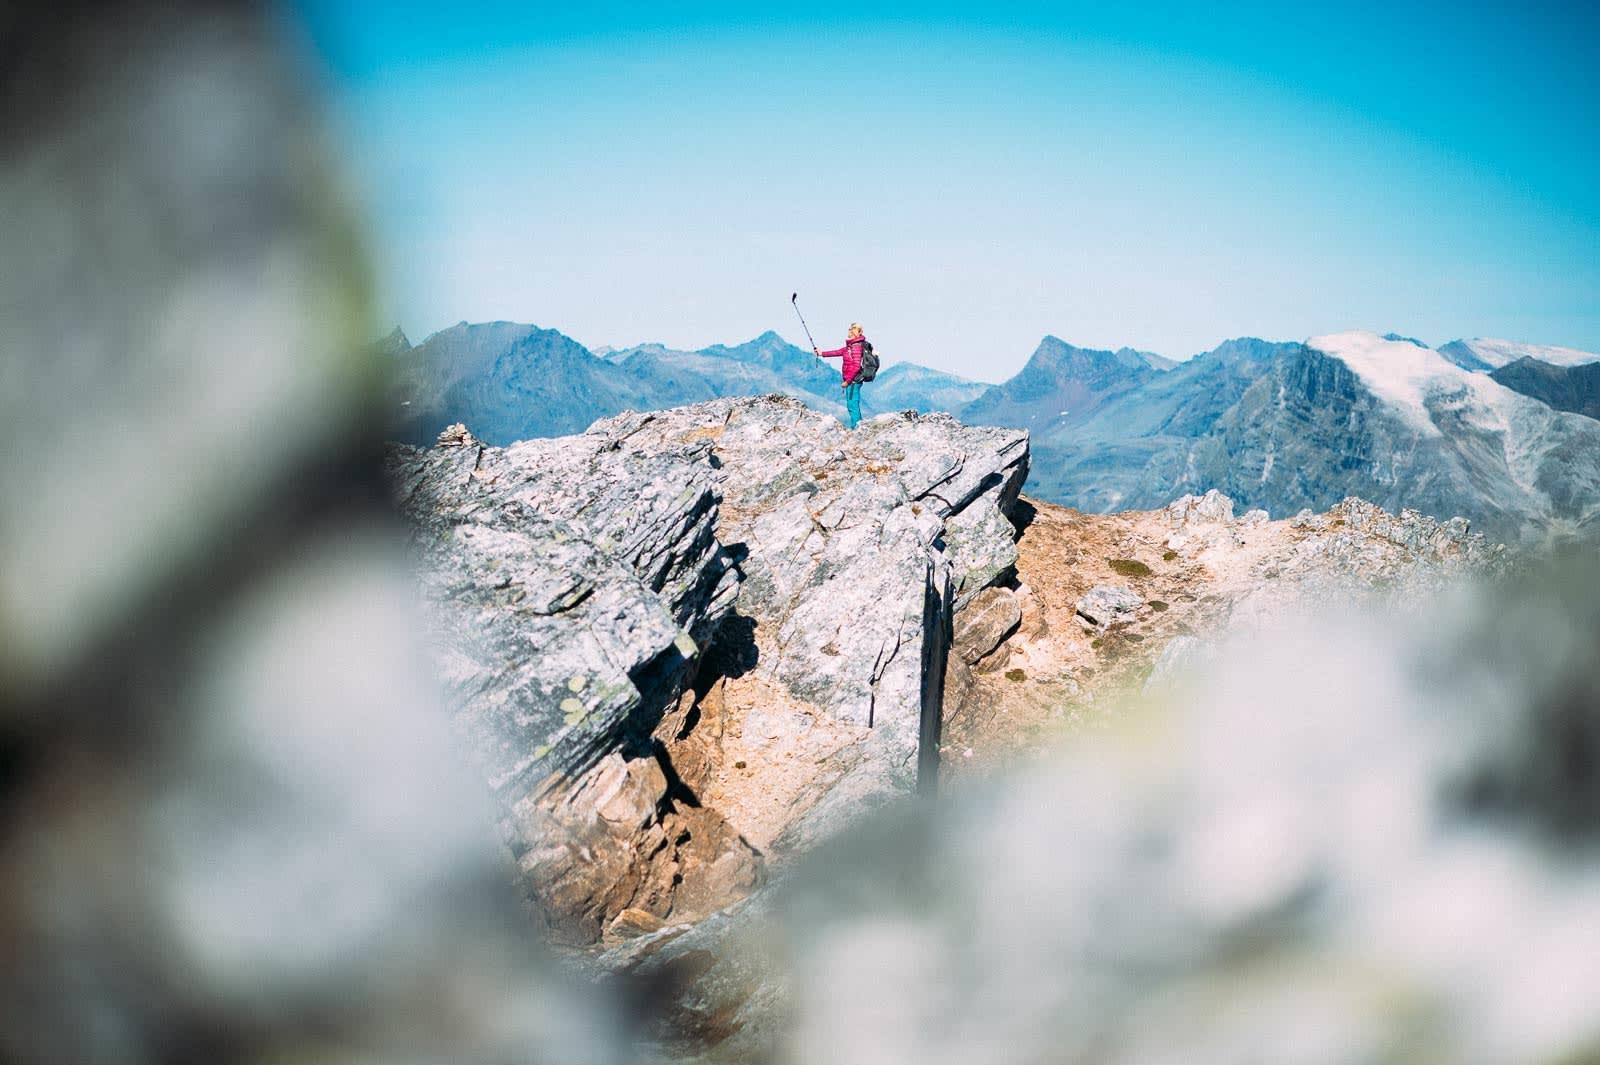 Fint for fjellfies: Samme hvor du snur deg fra toppen på Fugltinden får du flott postkortsbakgrunn til selvportrettene.